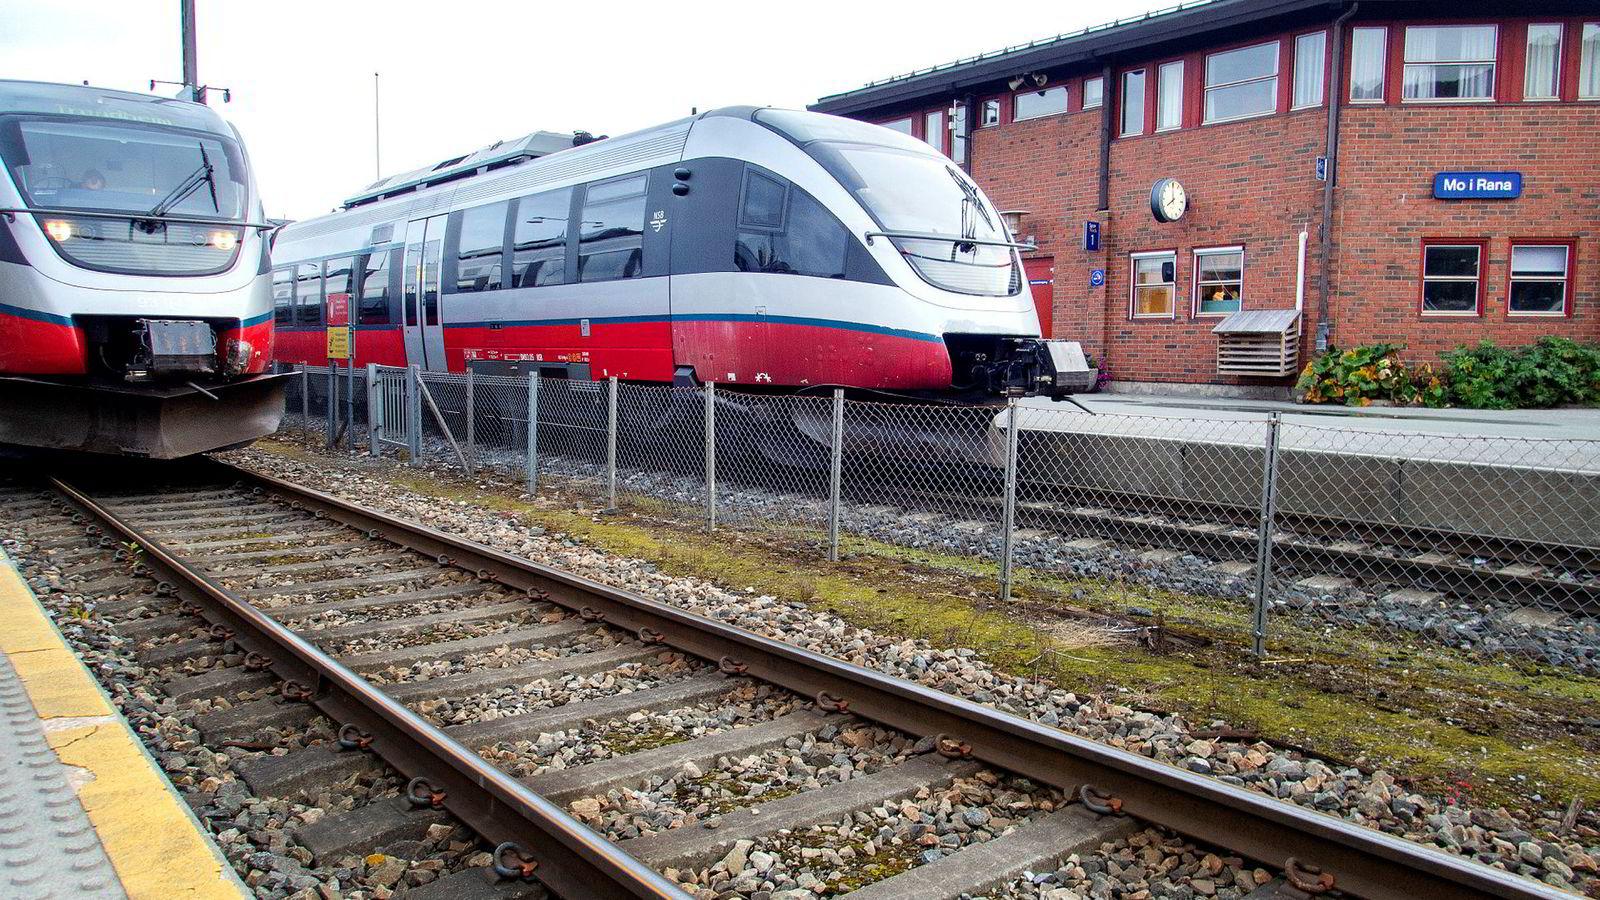 Konklusjonen i utredningen fra Jernbanedirektoratet er så klar at den burde fått ethvert parti til å skrinlegge ideen om en forlengelse av jernbanen i nord. Her fra togstasjonen i Mo i Rana.